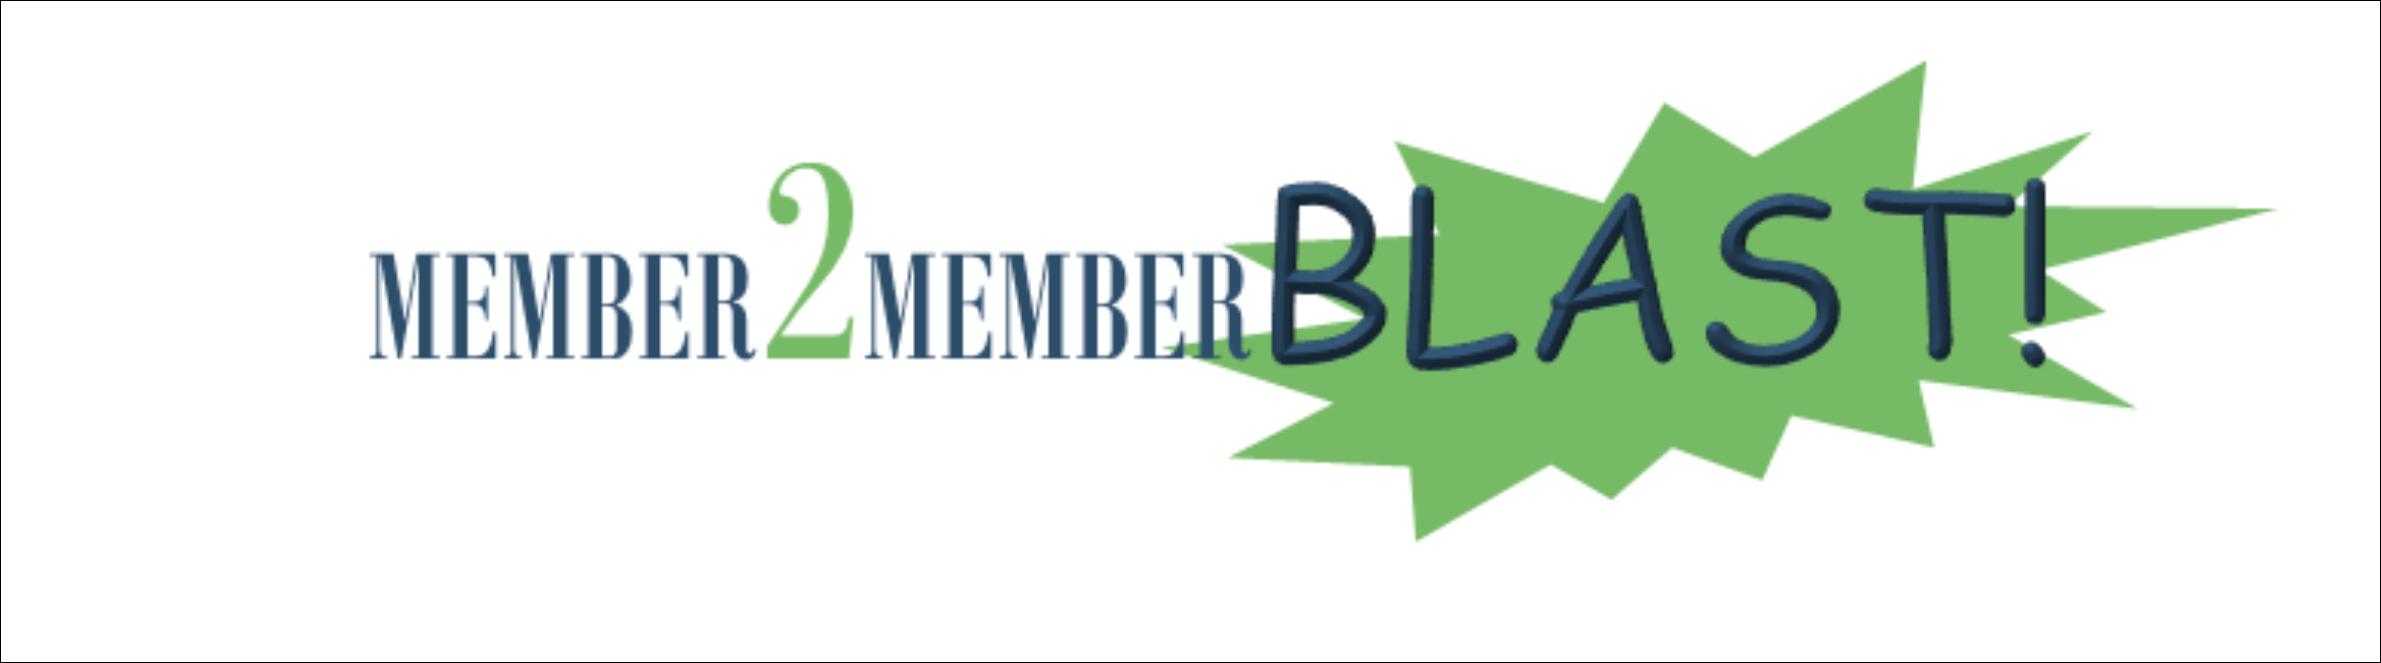 Member2Member_Web.png